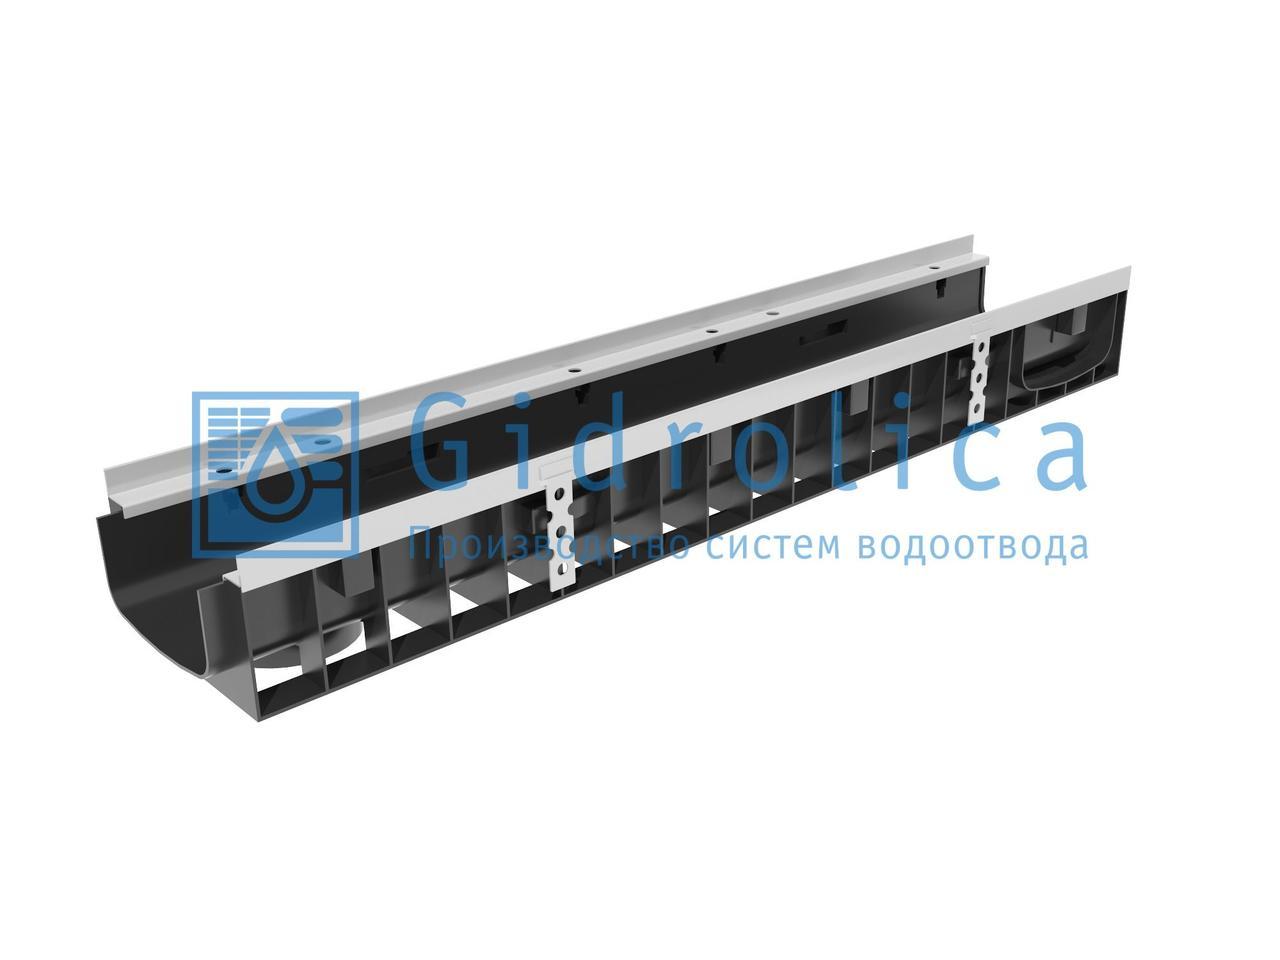 Пескоуловитель Gidrolica Standart ПУ-20.24,6.46 пластиковый универсальный для лотков пластиковых DN150 и DN200